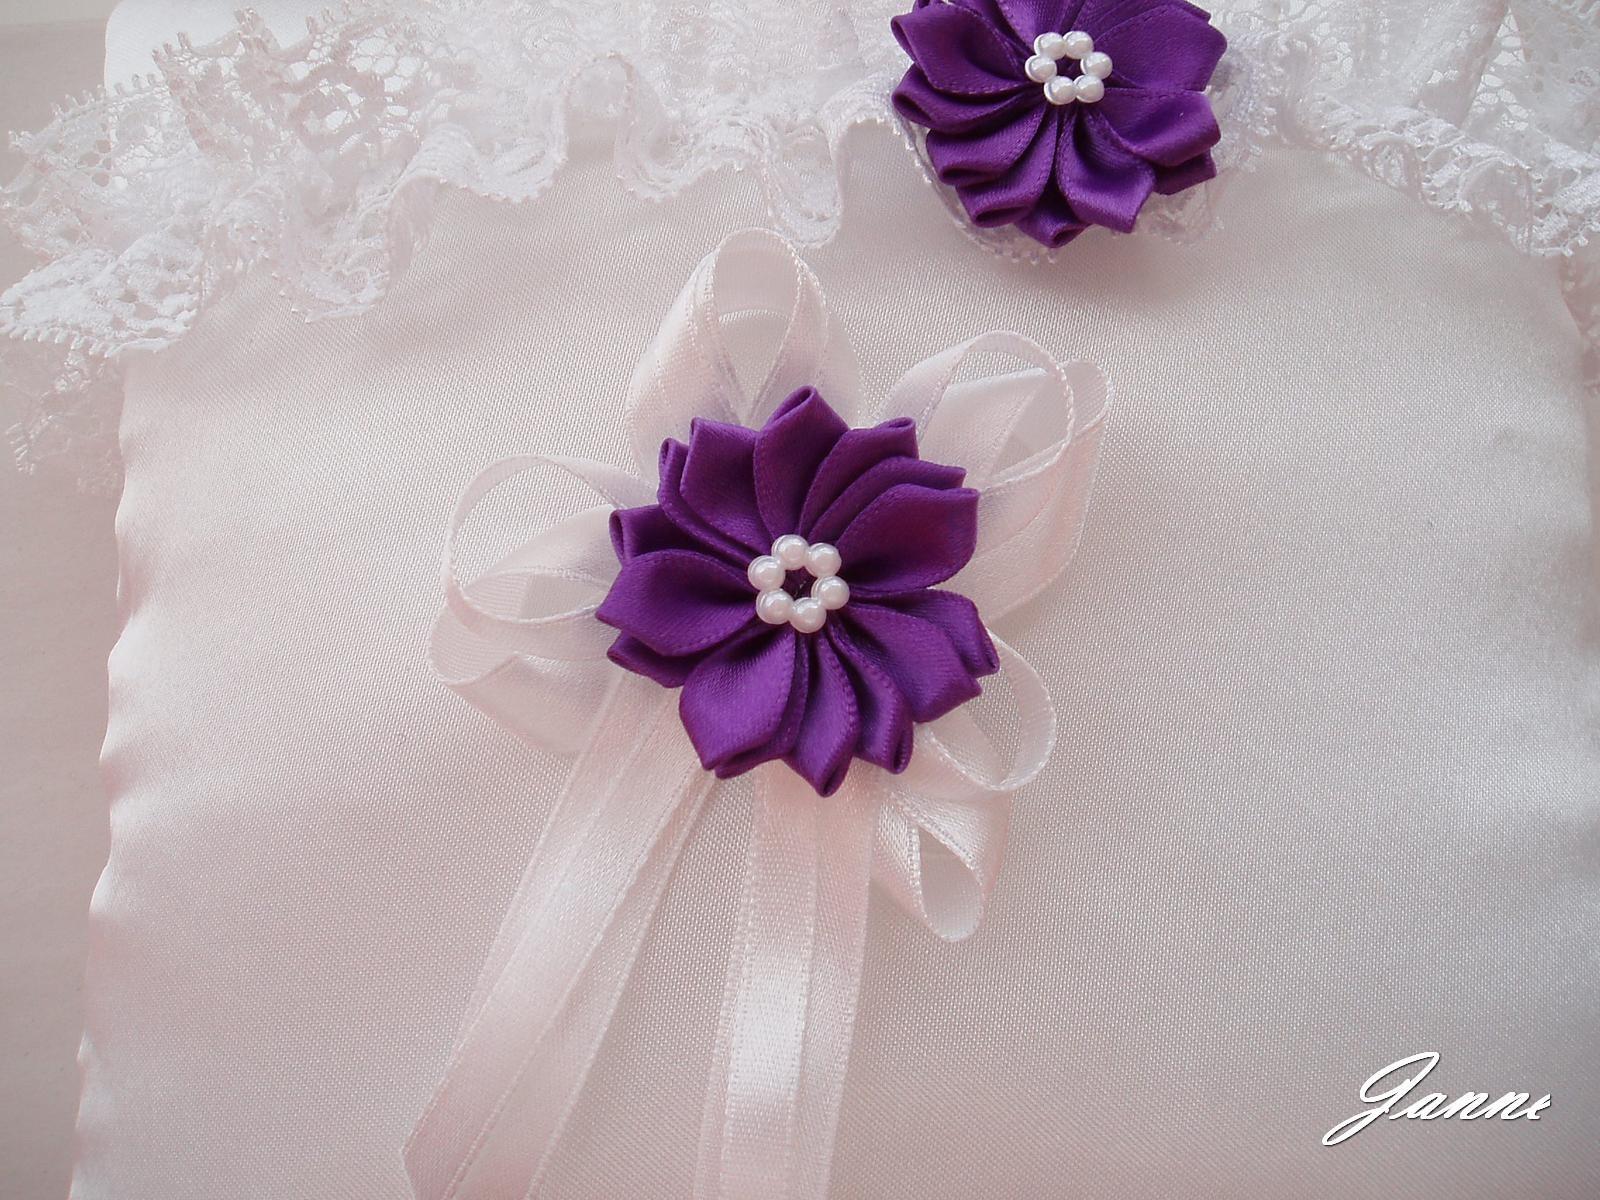 vývazek s kytičkou-fialová - Obrázek č. 1